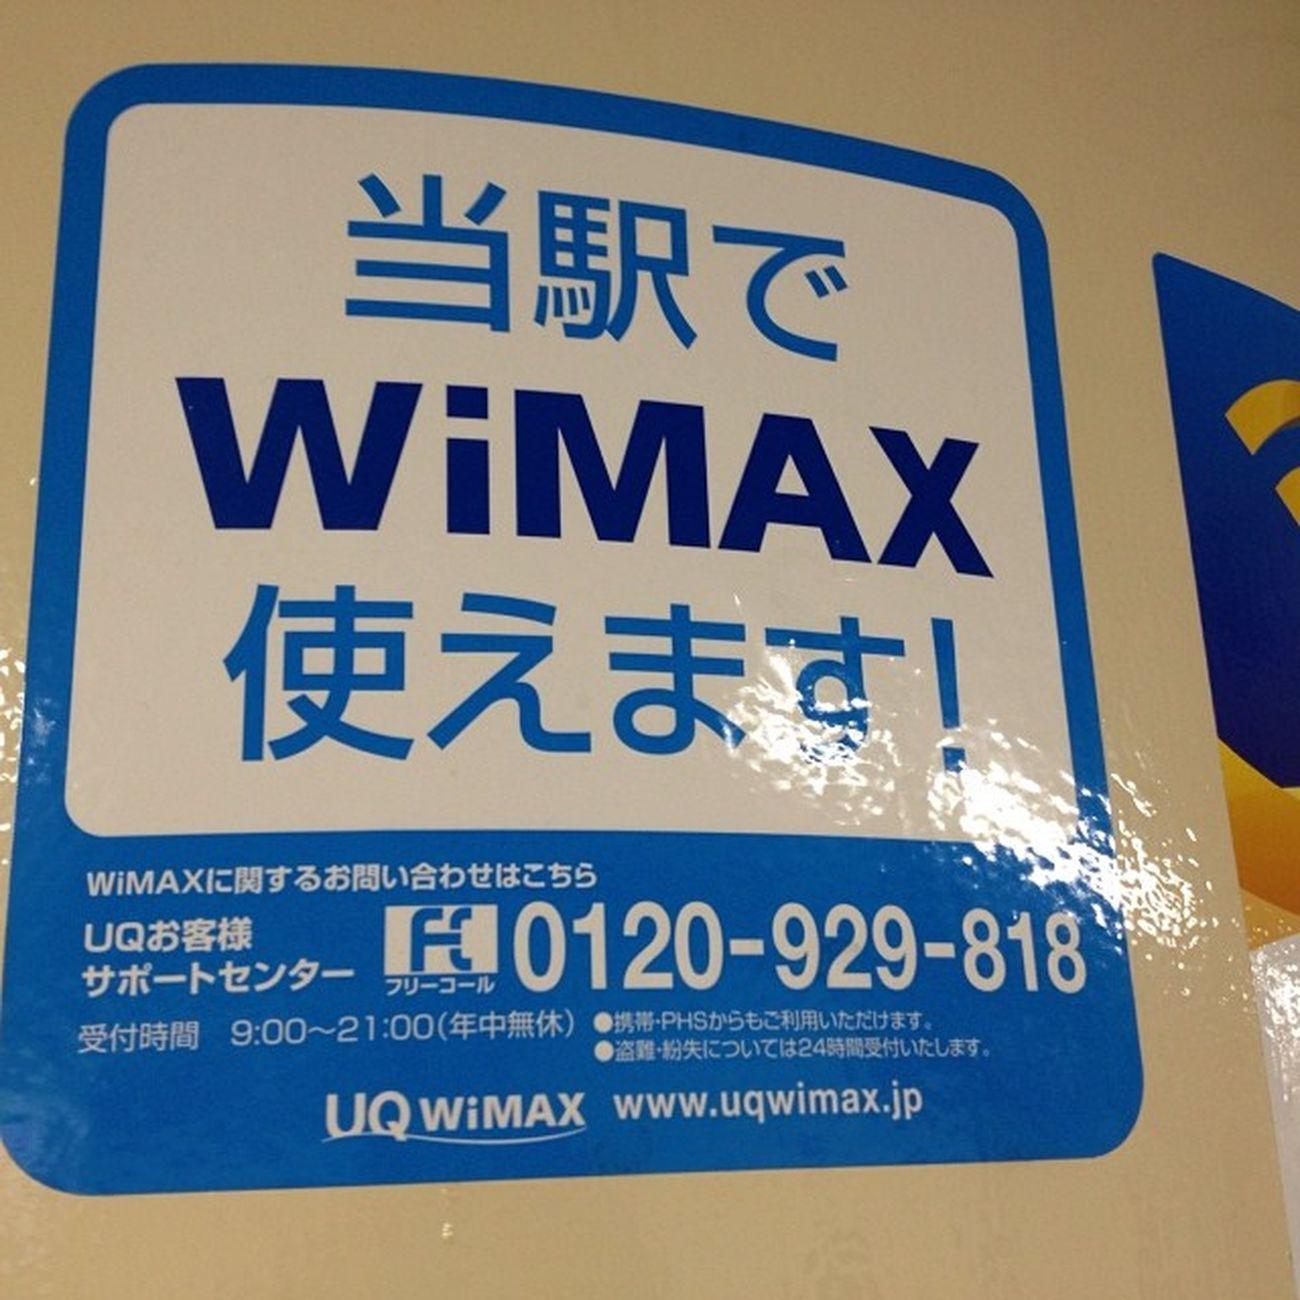 東京メトロは全域wimax対応だよね。